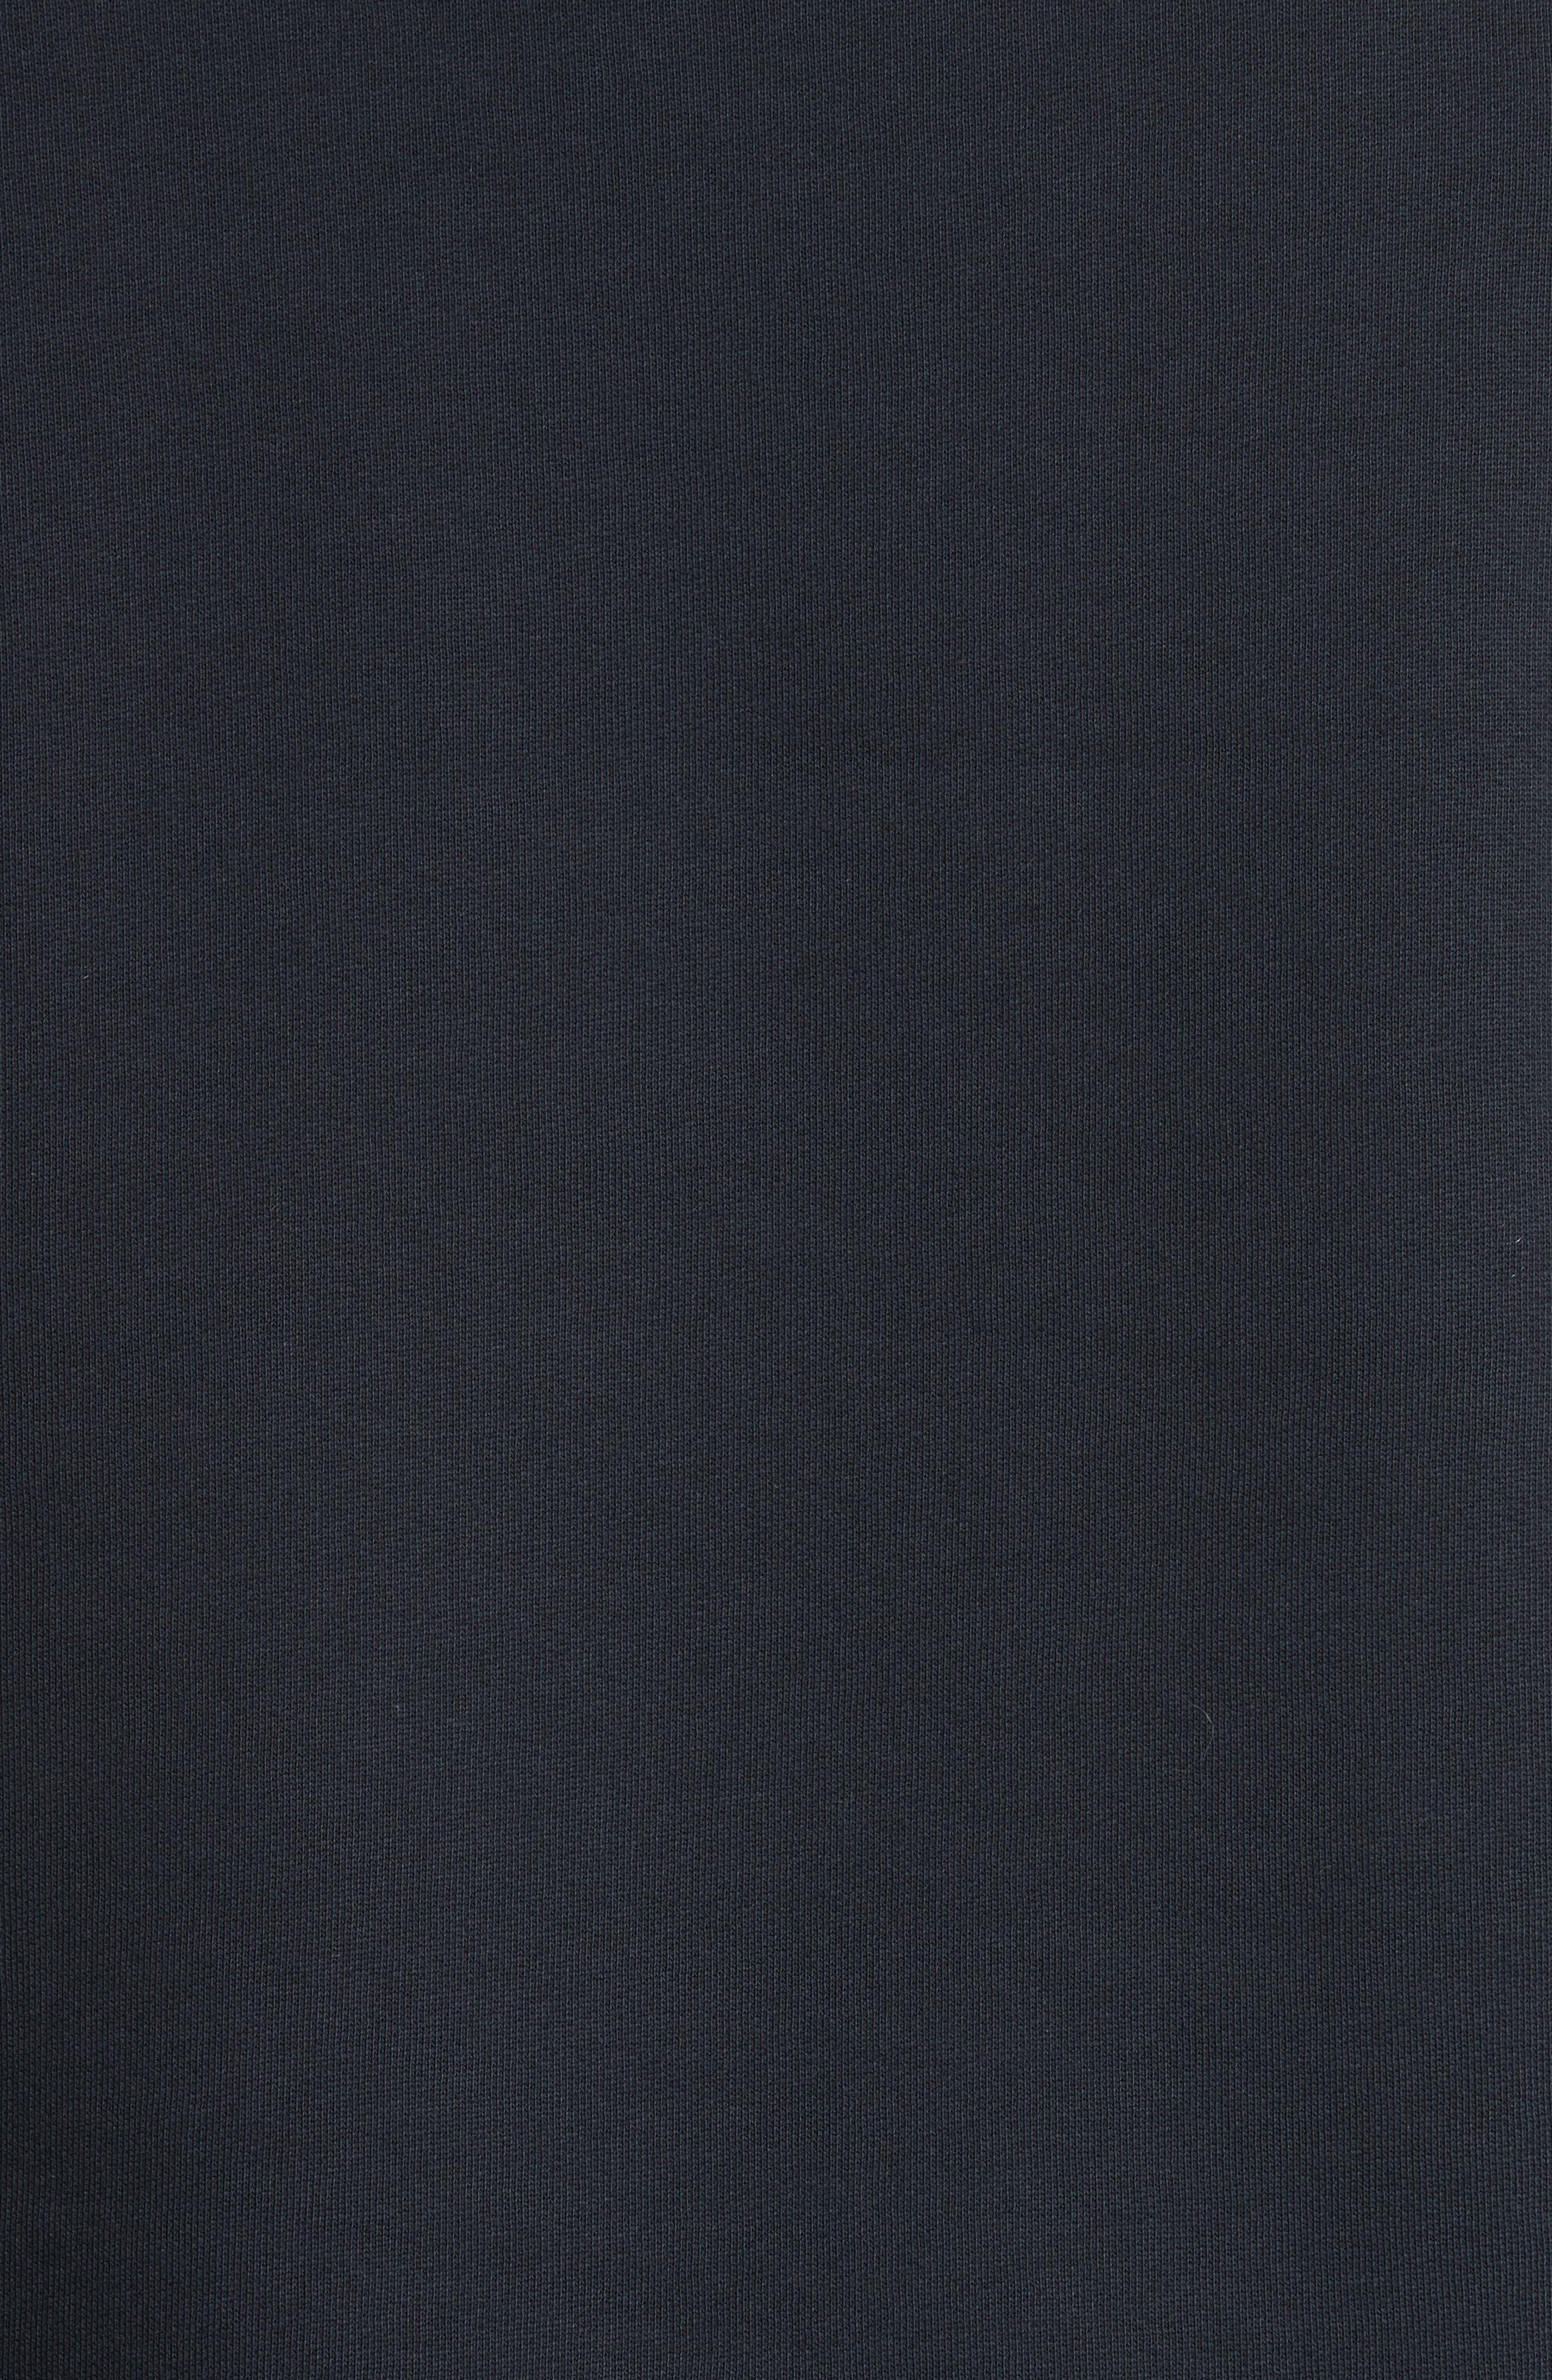 Beachen Tartan Panel Jersey Sweatshirt,                             Alternate thumbnail 5, color,                             410